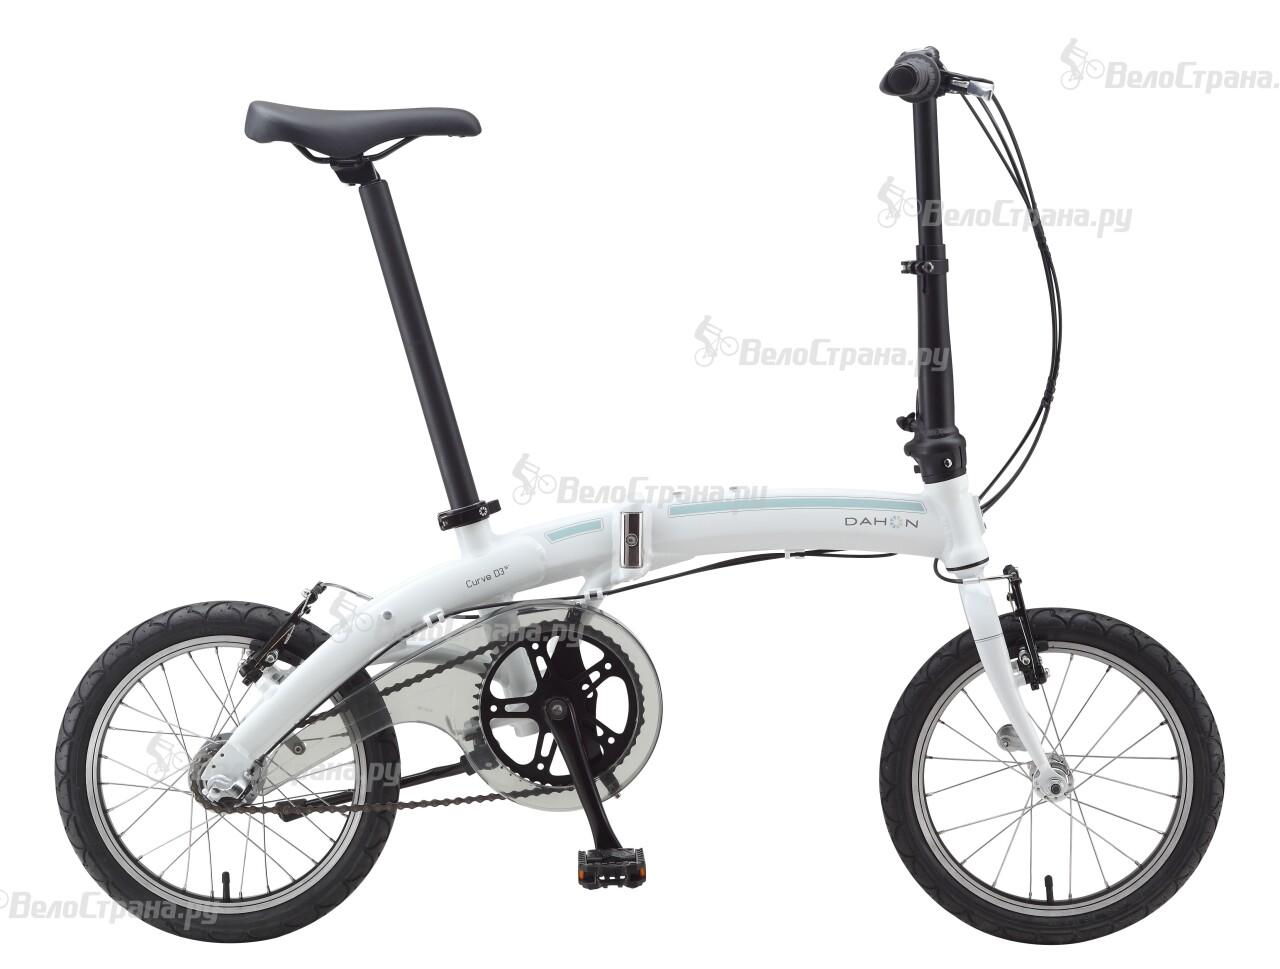 Велосипед Dahon Curve i3 16'' (2015) велосипед dahon mariner d7 2015